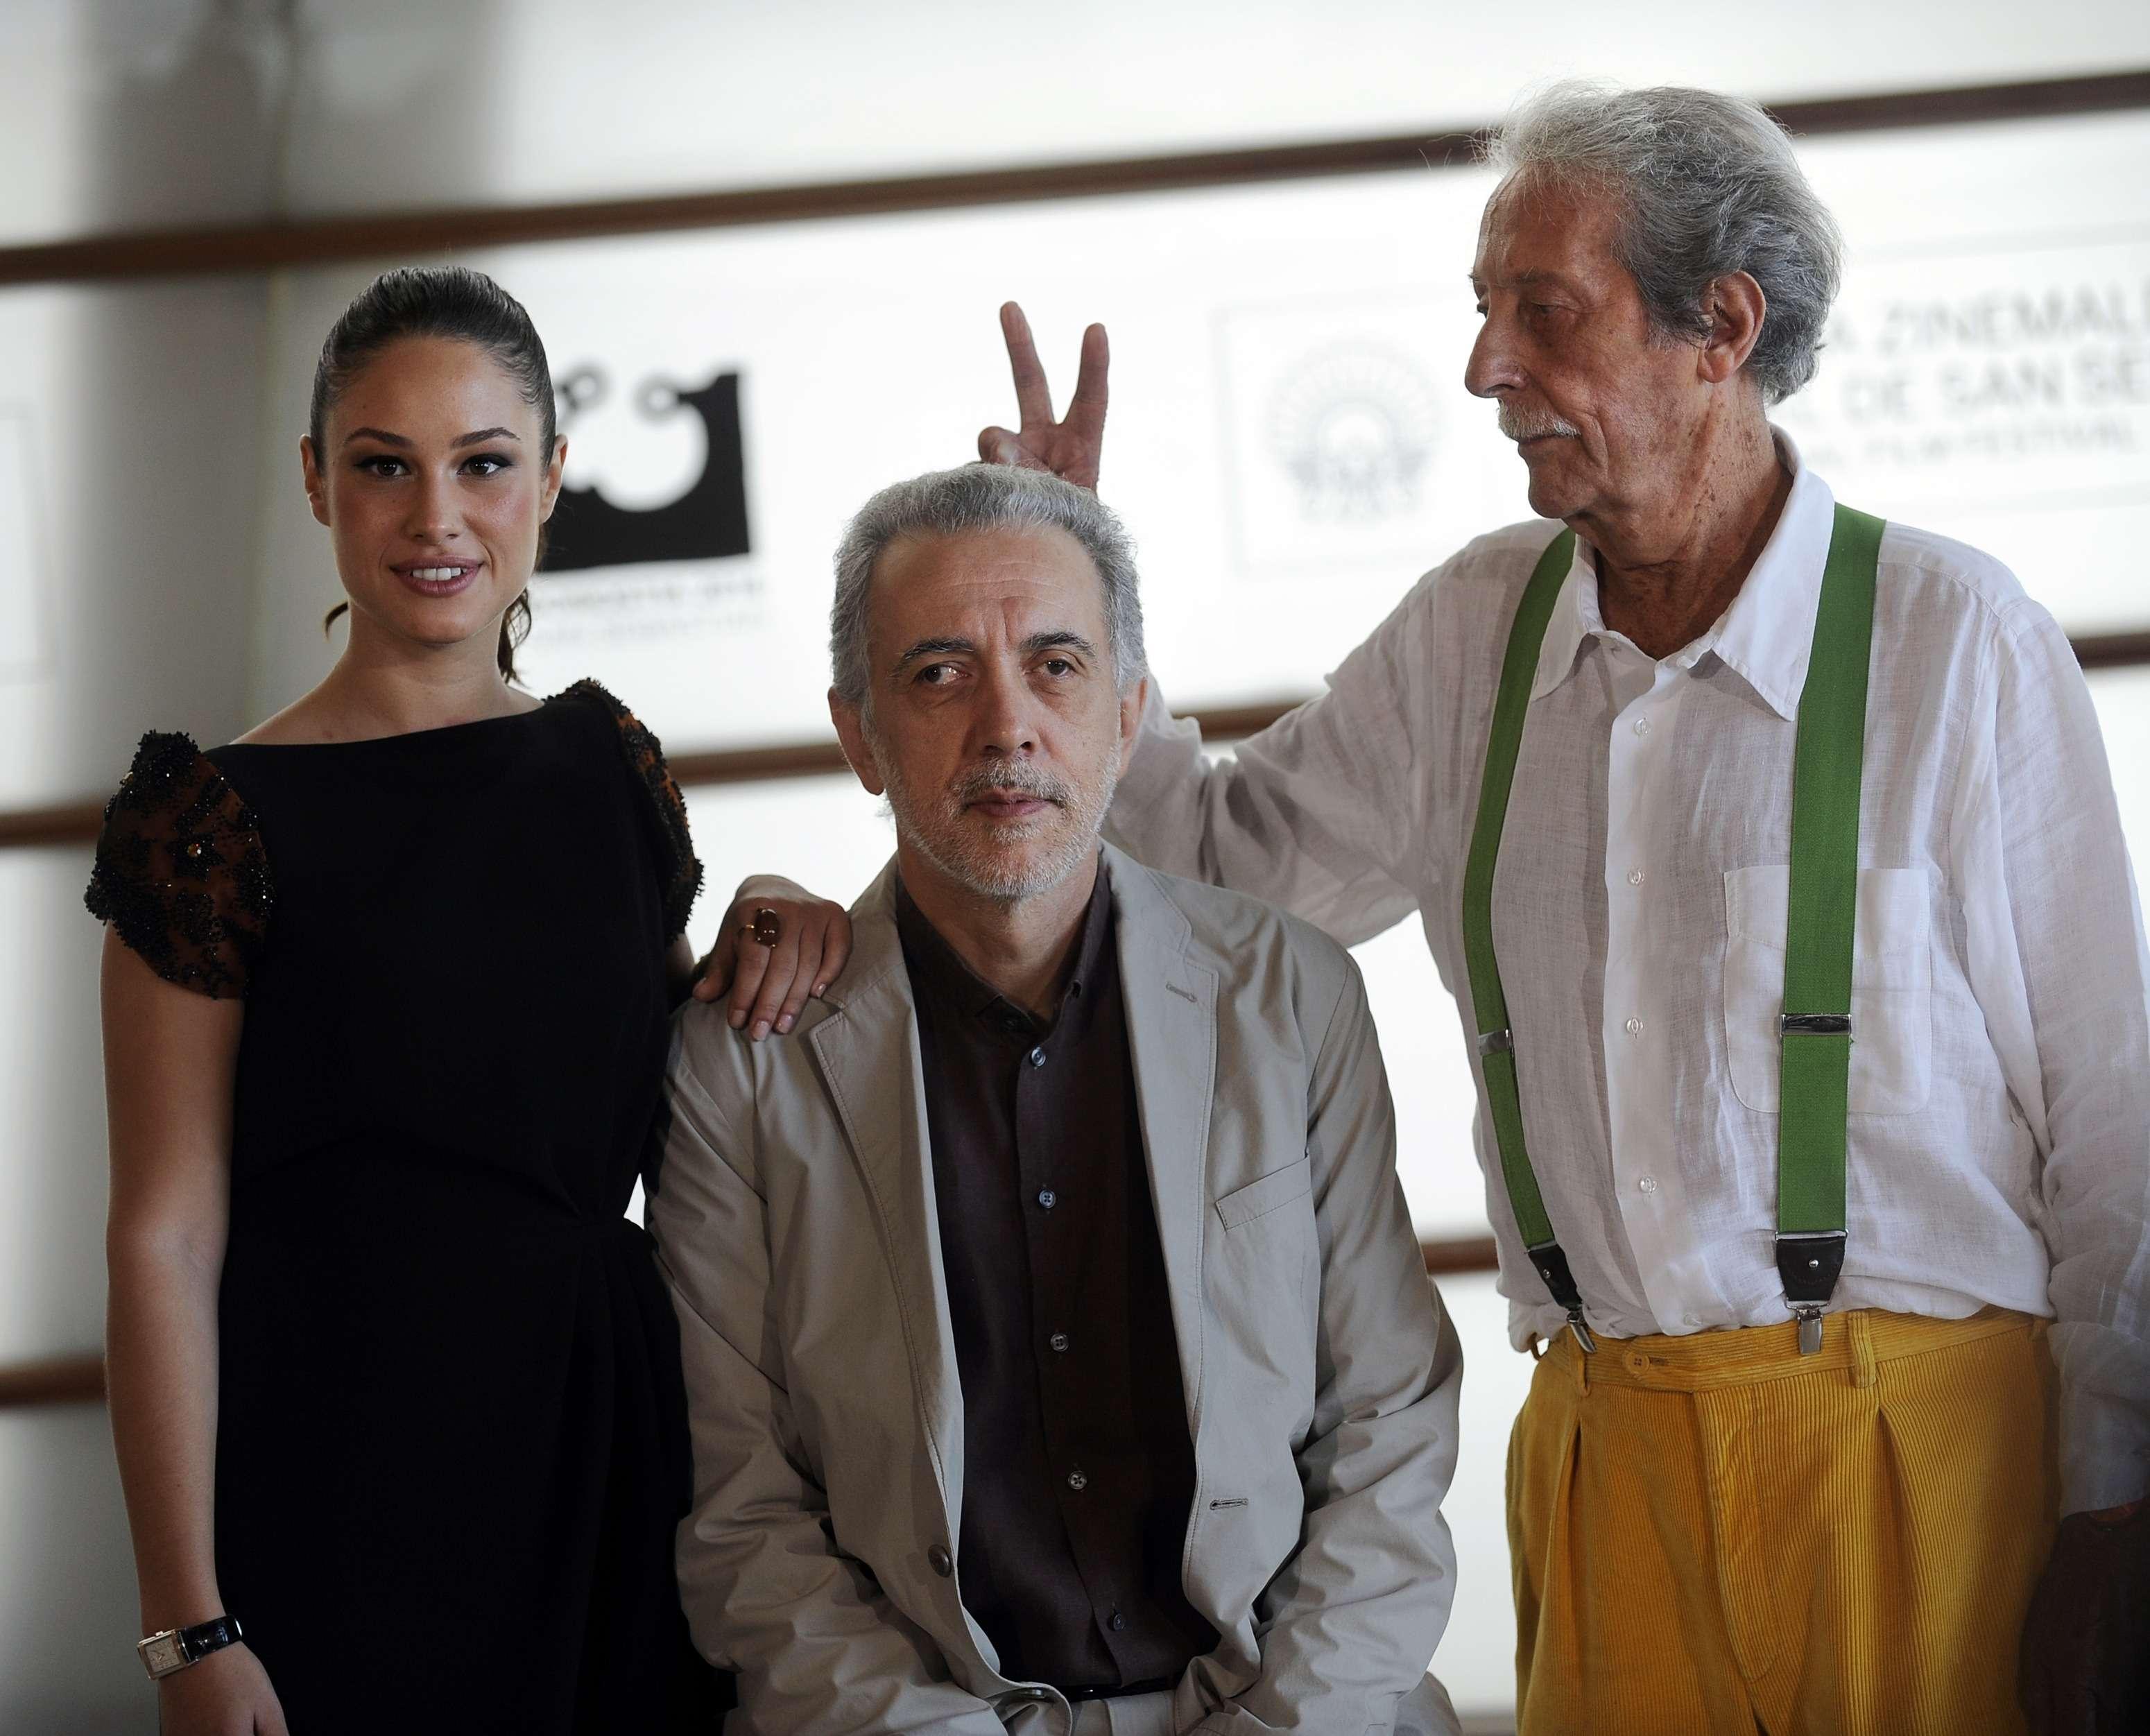 Jean Rochefort pose avec le réalisateur espagnol Fernando Trueba et l'actrice espagnole Aida Folch après la projection du film «El Artista y la Modelo» («L'Artiste et le Modèle») lors de la 60e Festival international du film de Saint-Sébastien.